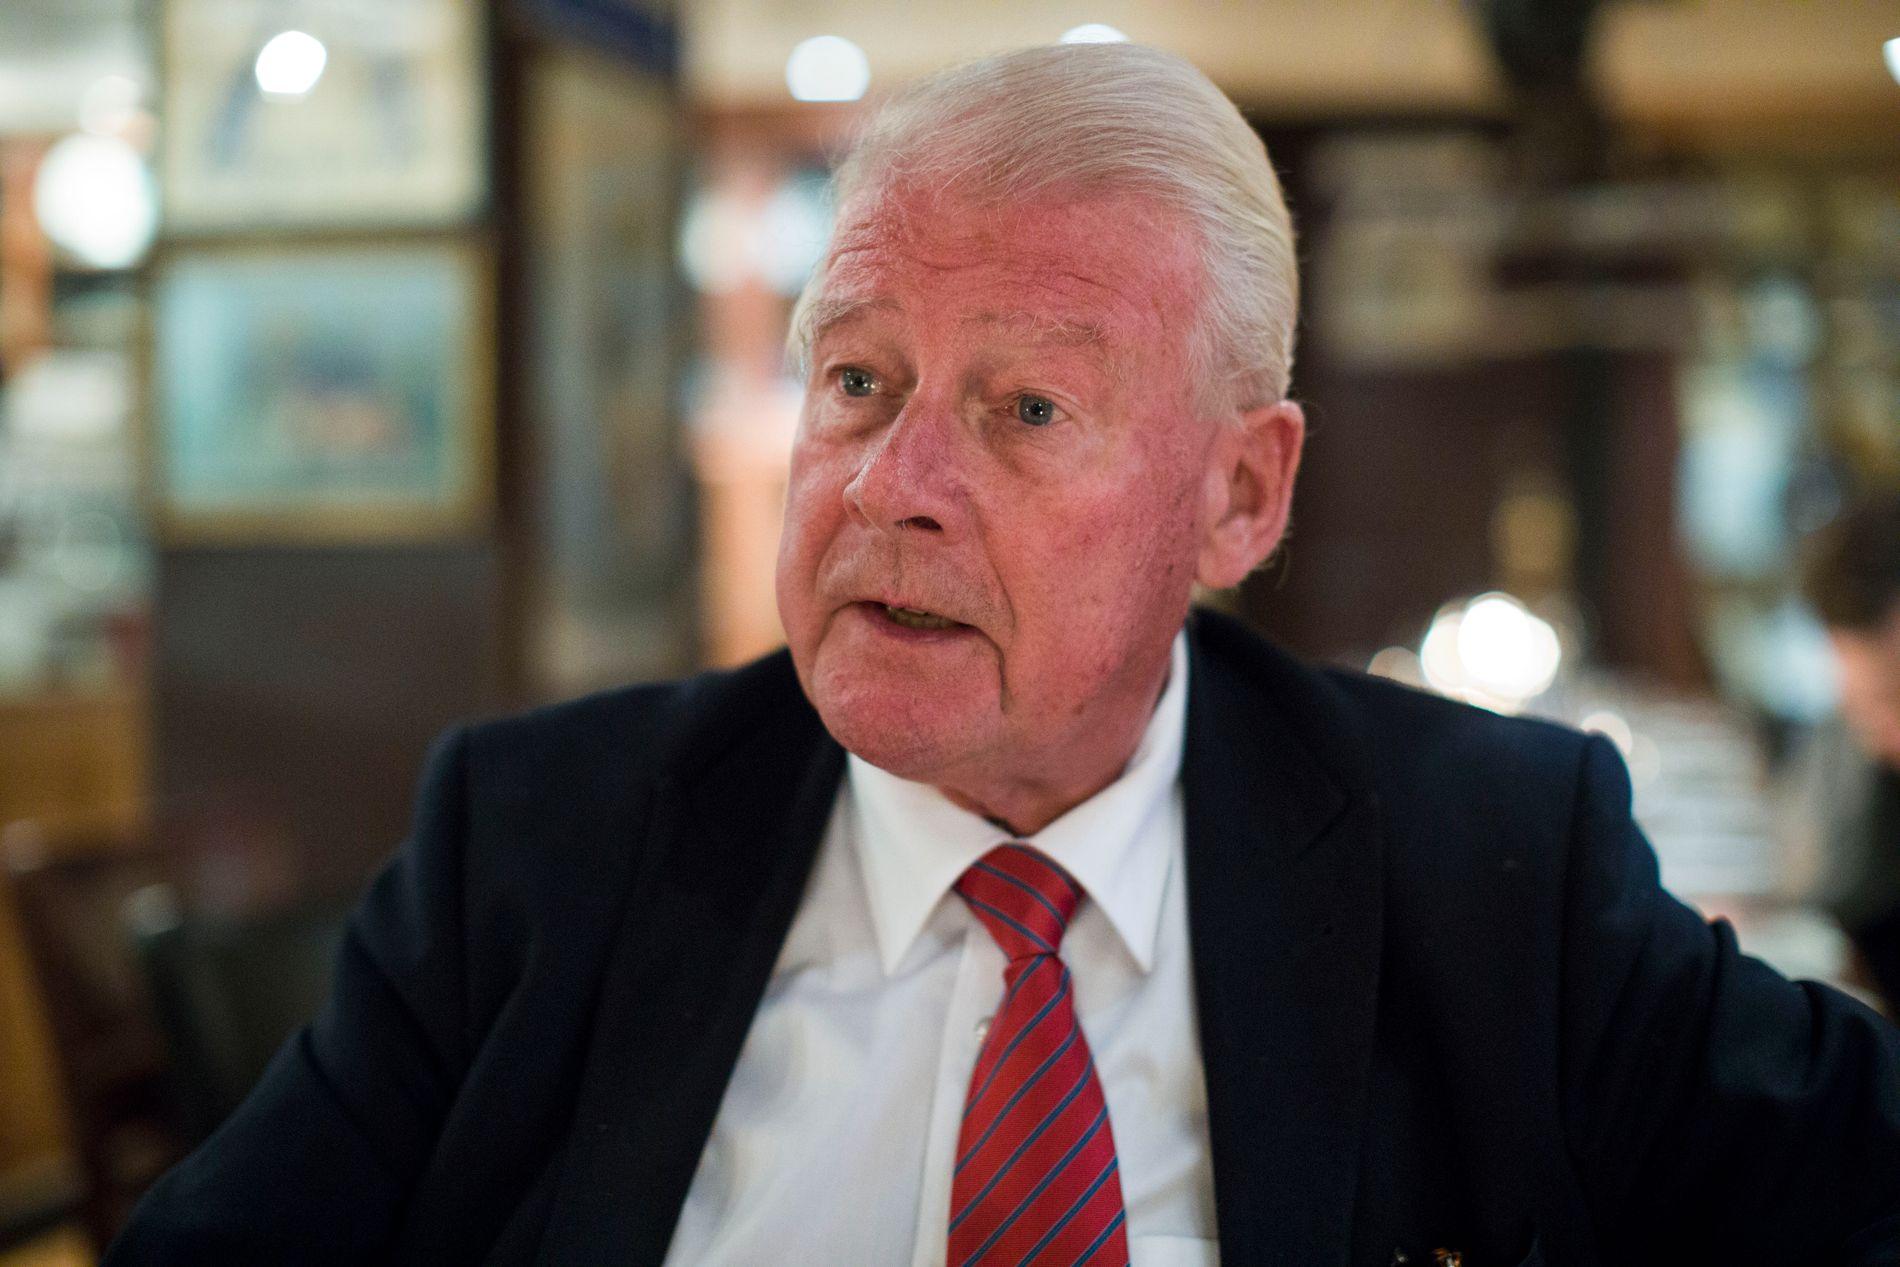 STØTTER: Carl I. Hagen (74) deler ikke skepsisen til Sverigedemokraterna.